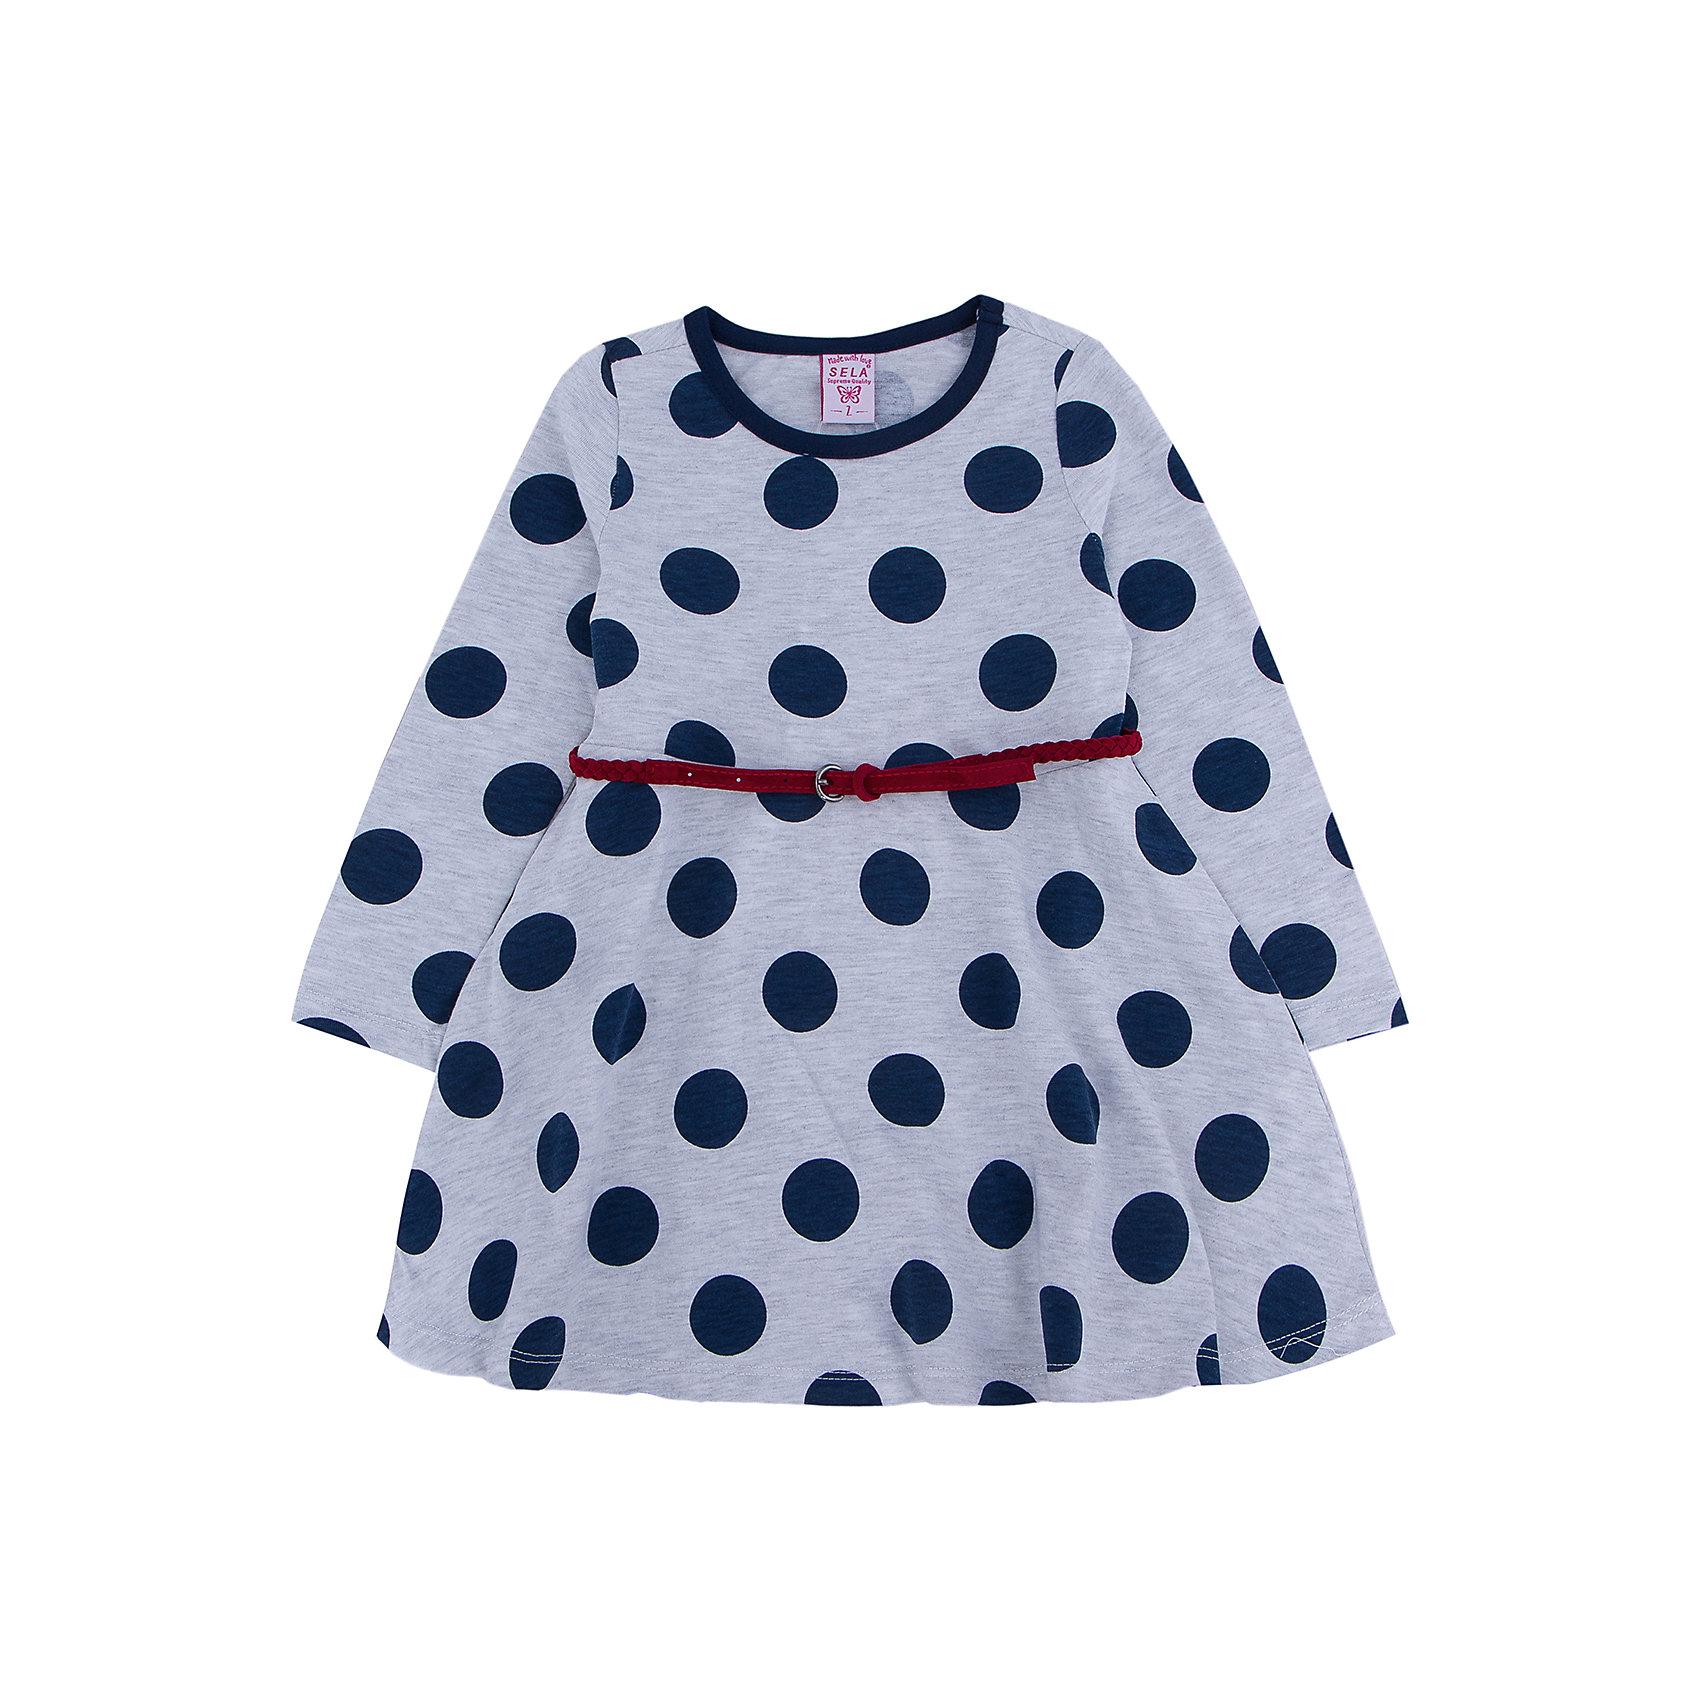 Платье для девочки SELAПлатья и сарафаны<br>Стильное платье в крупный синий горох с элегантным красным ремешком, то что необходимо иметь в гардеробе юной леди.<br><br>Платье очень удобно и его можно носить на праздник, либо в школу или просто на прогулку.<br><br>Дополнительная информация:<br><br>- Свободный крой.<br>- Длинный рукав, длина до колен, силуэт расклешенный.<br>- Цвет: серый.<br>- Состав: 65% хлопок, 35% ПЭ.<br>- Бренд: SELA<br>- Коллекция: осень-зима 2016-2017<br><br>Купить платье для девочки от SELA можно в нашем магазине.<br><br>Ширина мм: 236<br>Глубина мм: 16<br>Высота мм: 184<br>Вес г: 177<br>Цвет: серый<br>Возраст от месяцев: 18<br>Возраст до месяцев: 24<br>Пол: Женский<br>Возраст: Детский<br>Размер: 92,116,98,104,110<br>SKU: 4883492